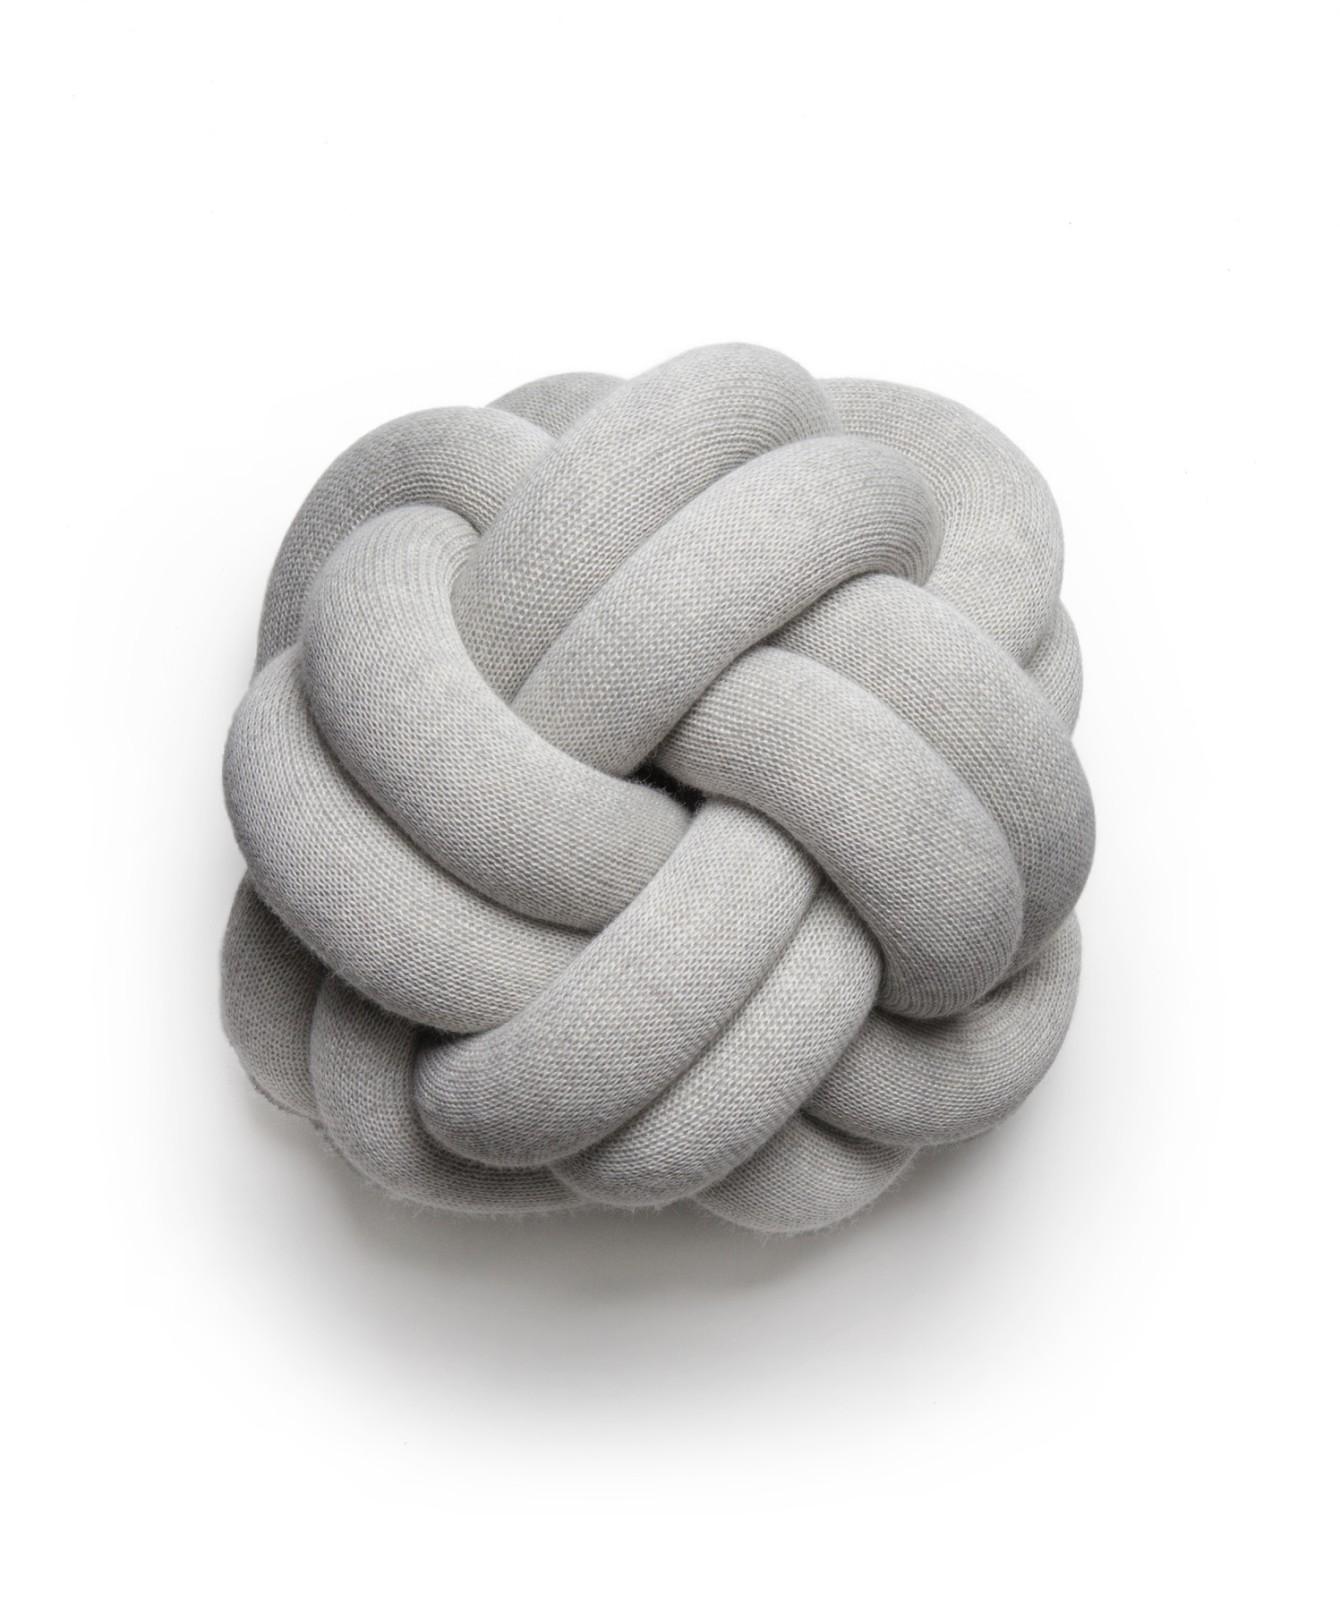 Knot Cushion - set of 2 White grey